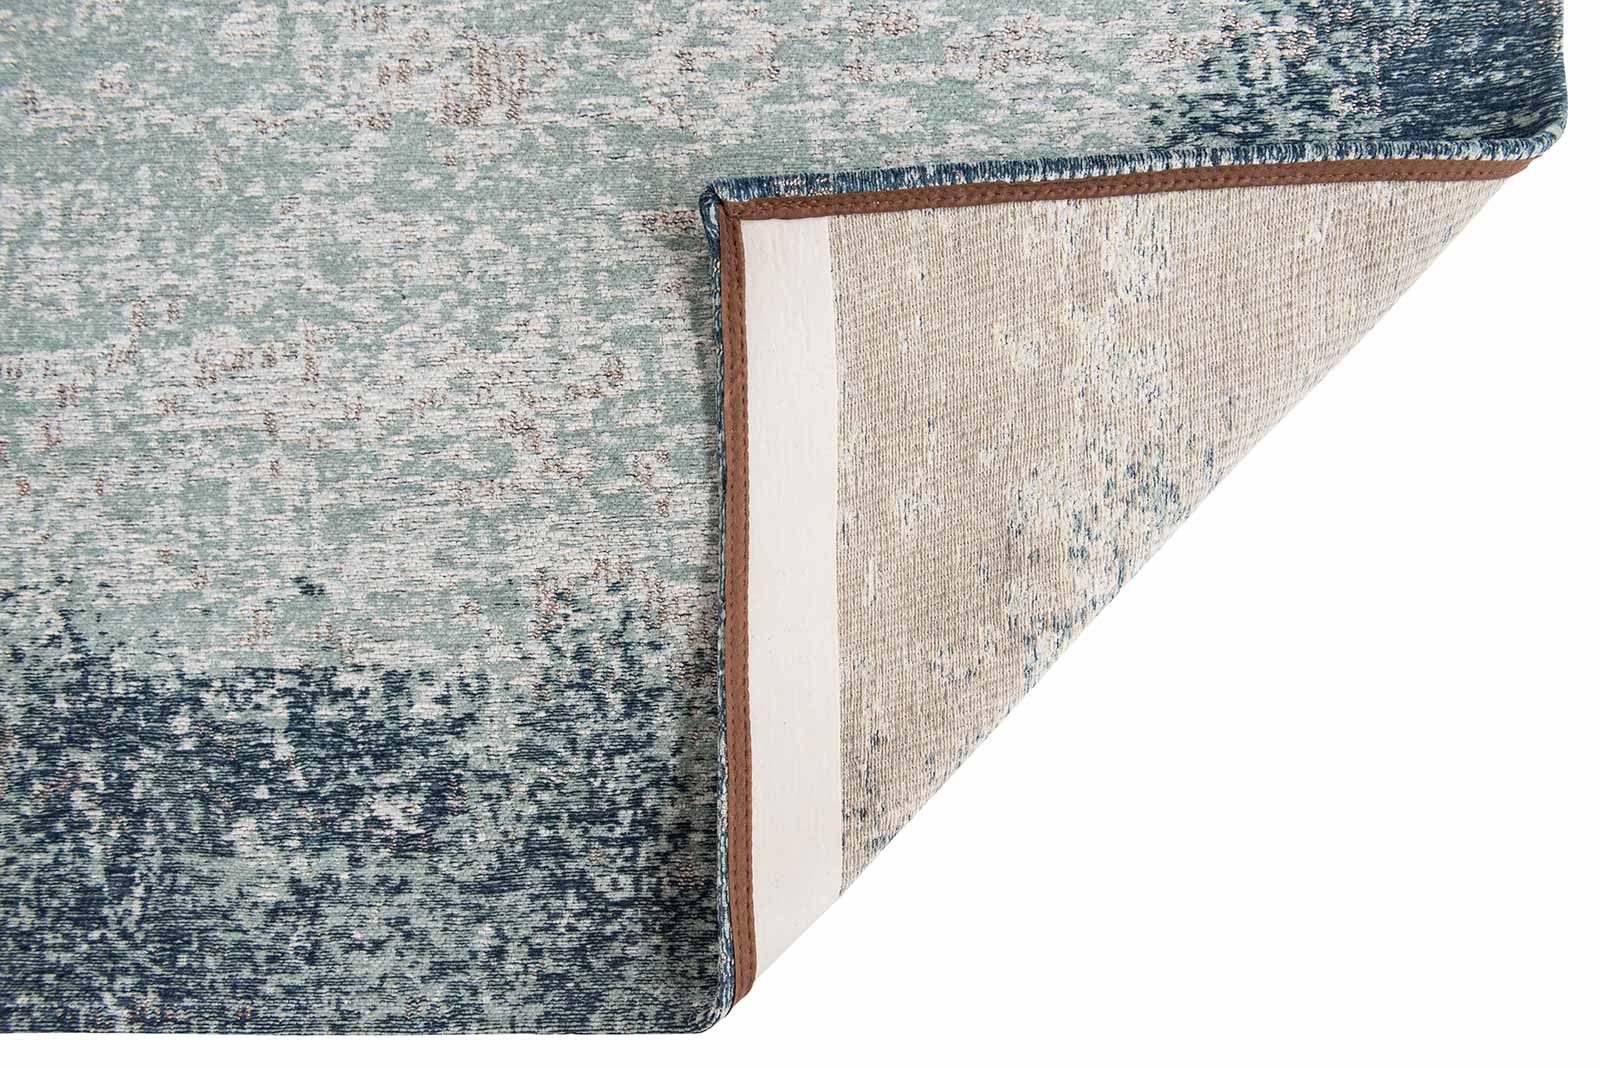 Louis De Poortere rugs Villa Nova LX 8769 Marka Teal back